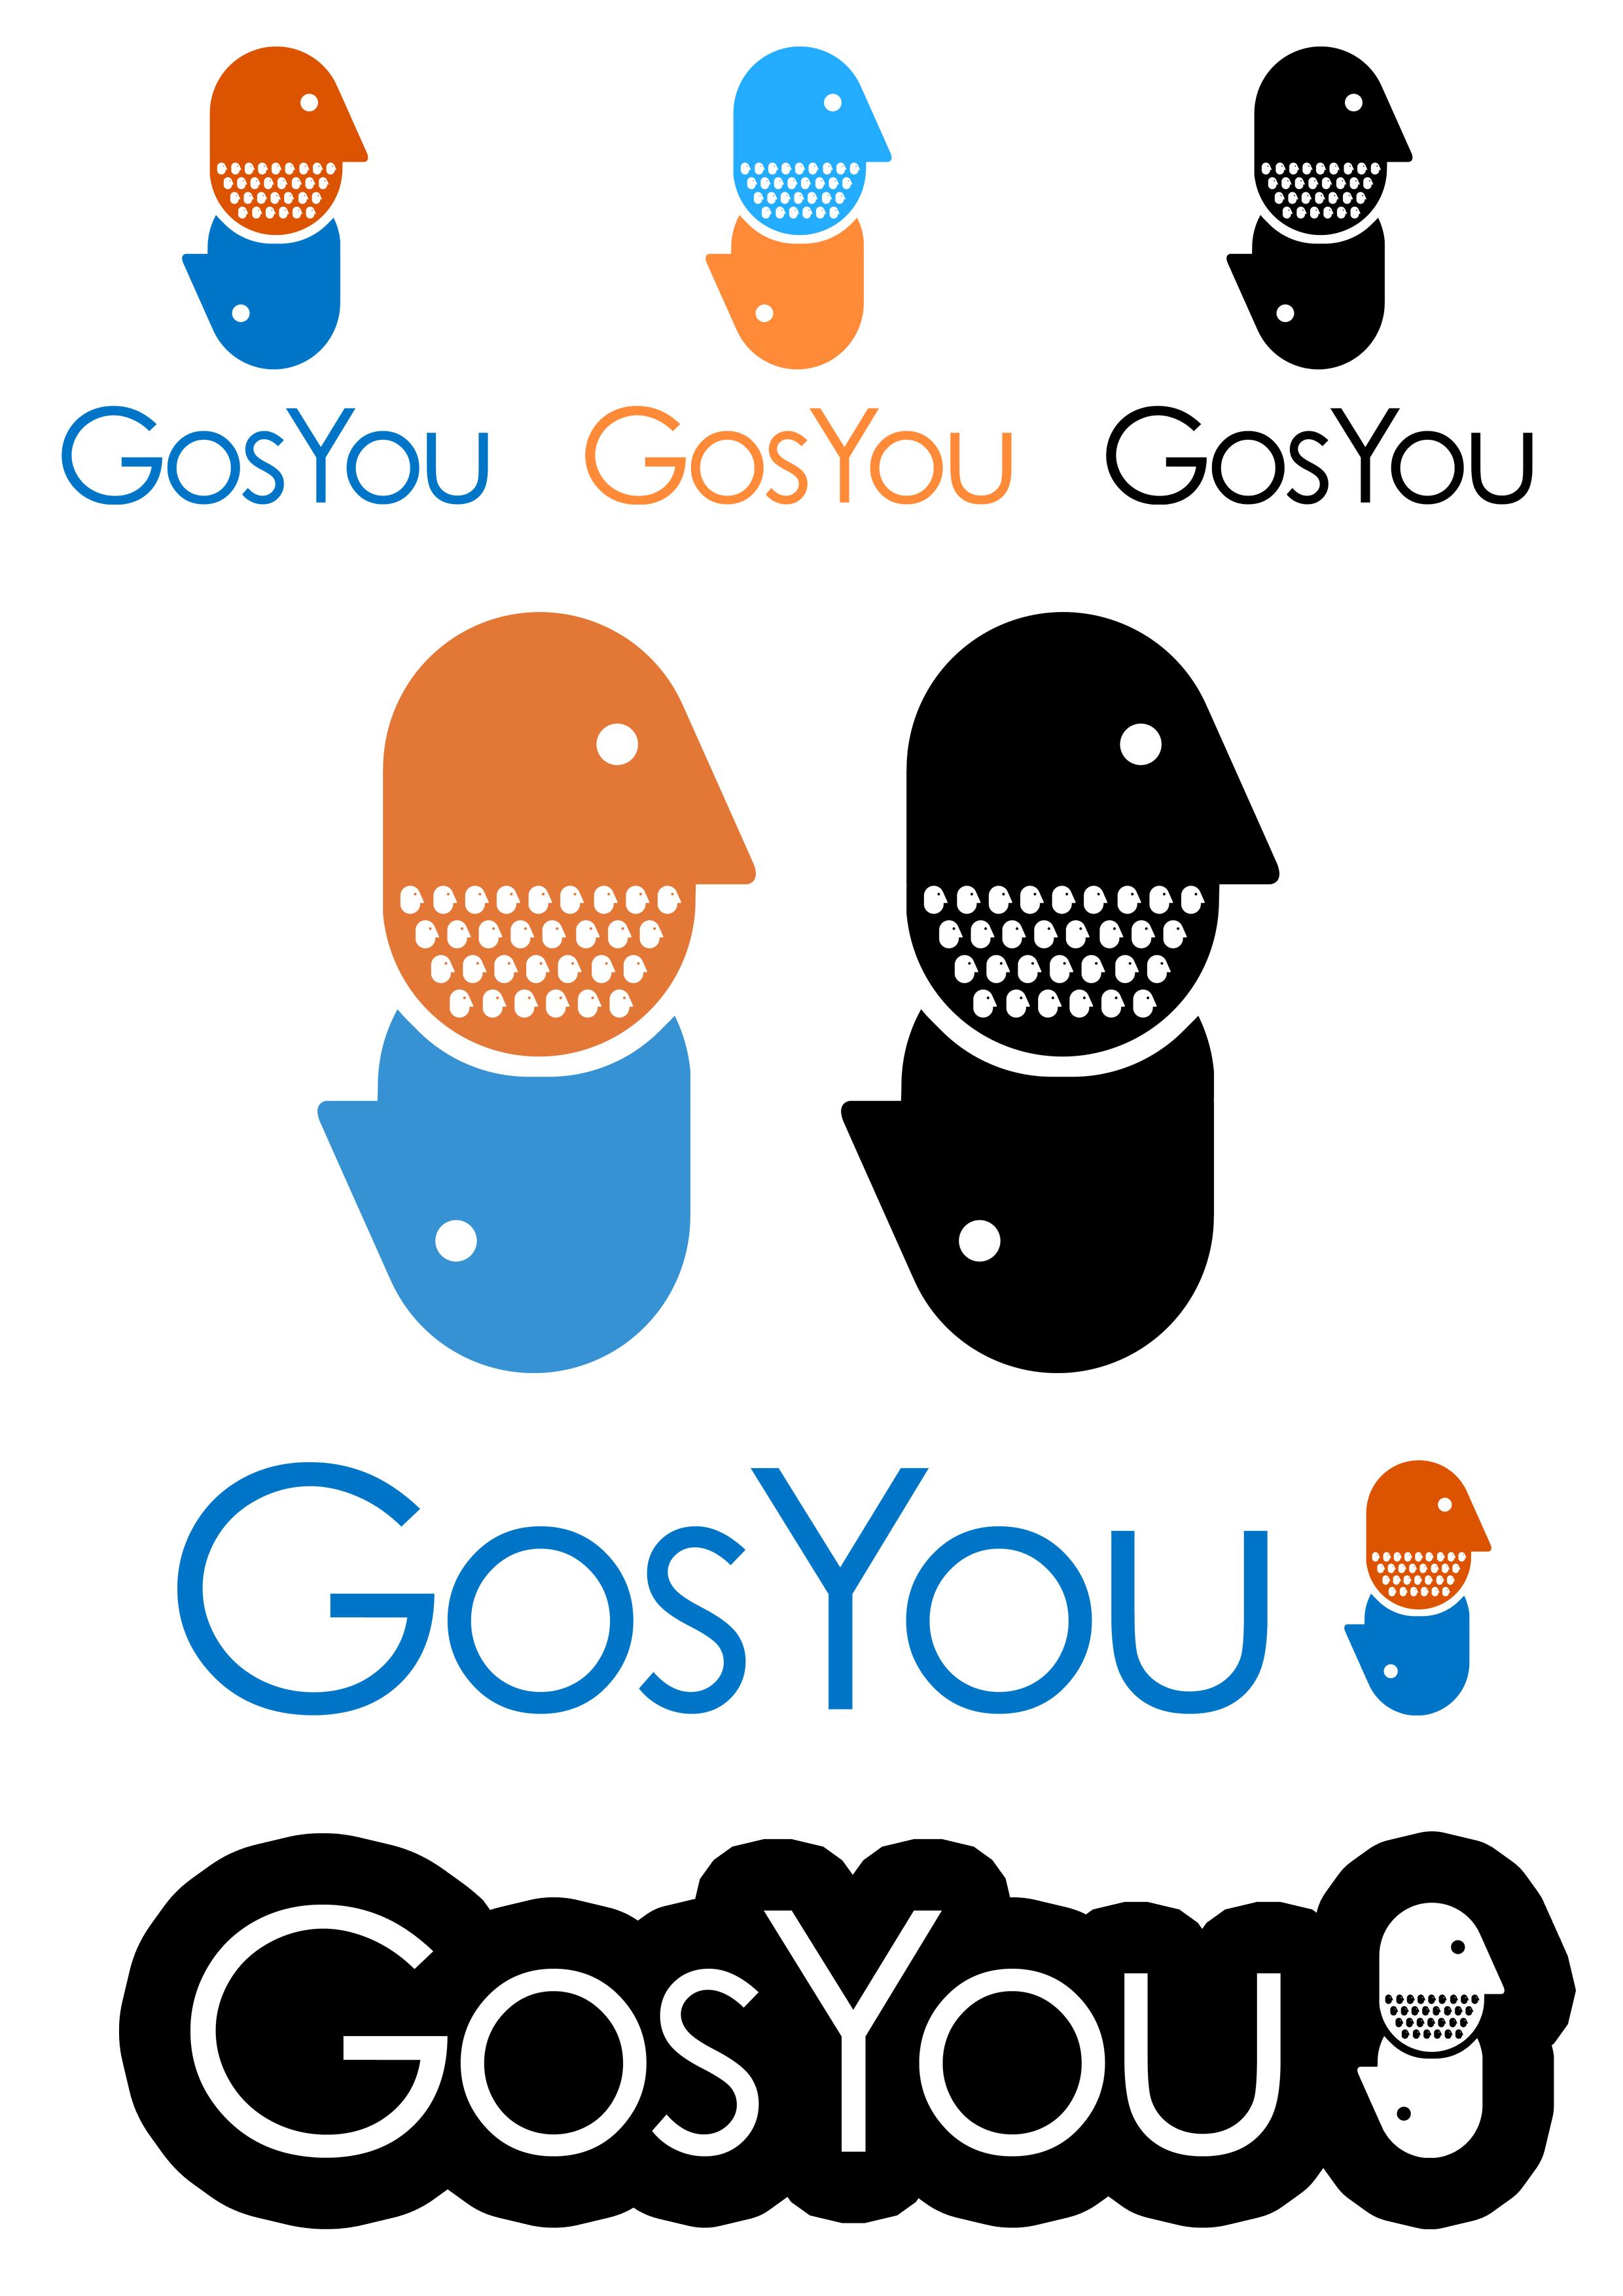 Логотип, фир. стиль и иконку для социальной сети GosYou фото f_507c4e373dd9d.jpg